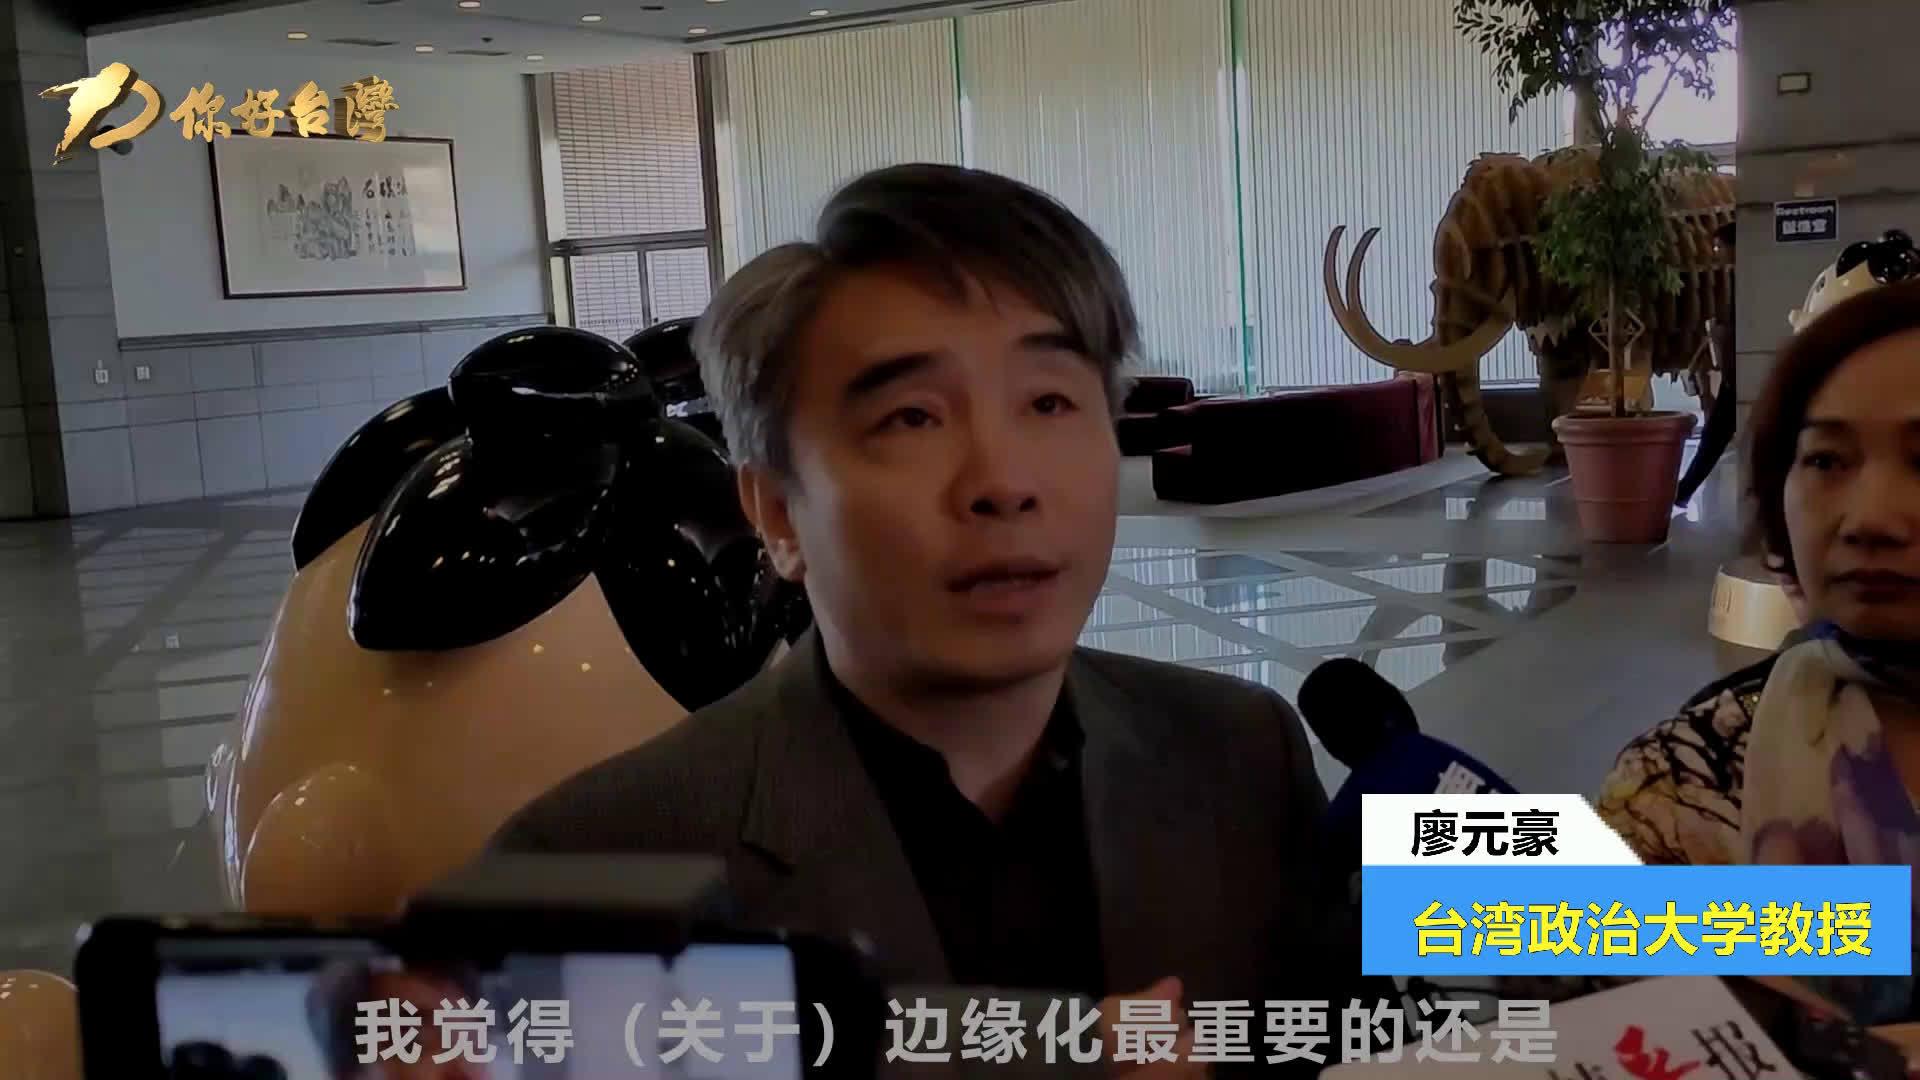 台学者:不捣蛋当伙伴 两岸关系好台湾才会好